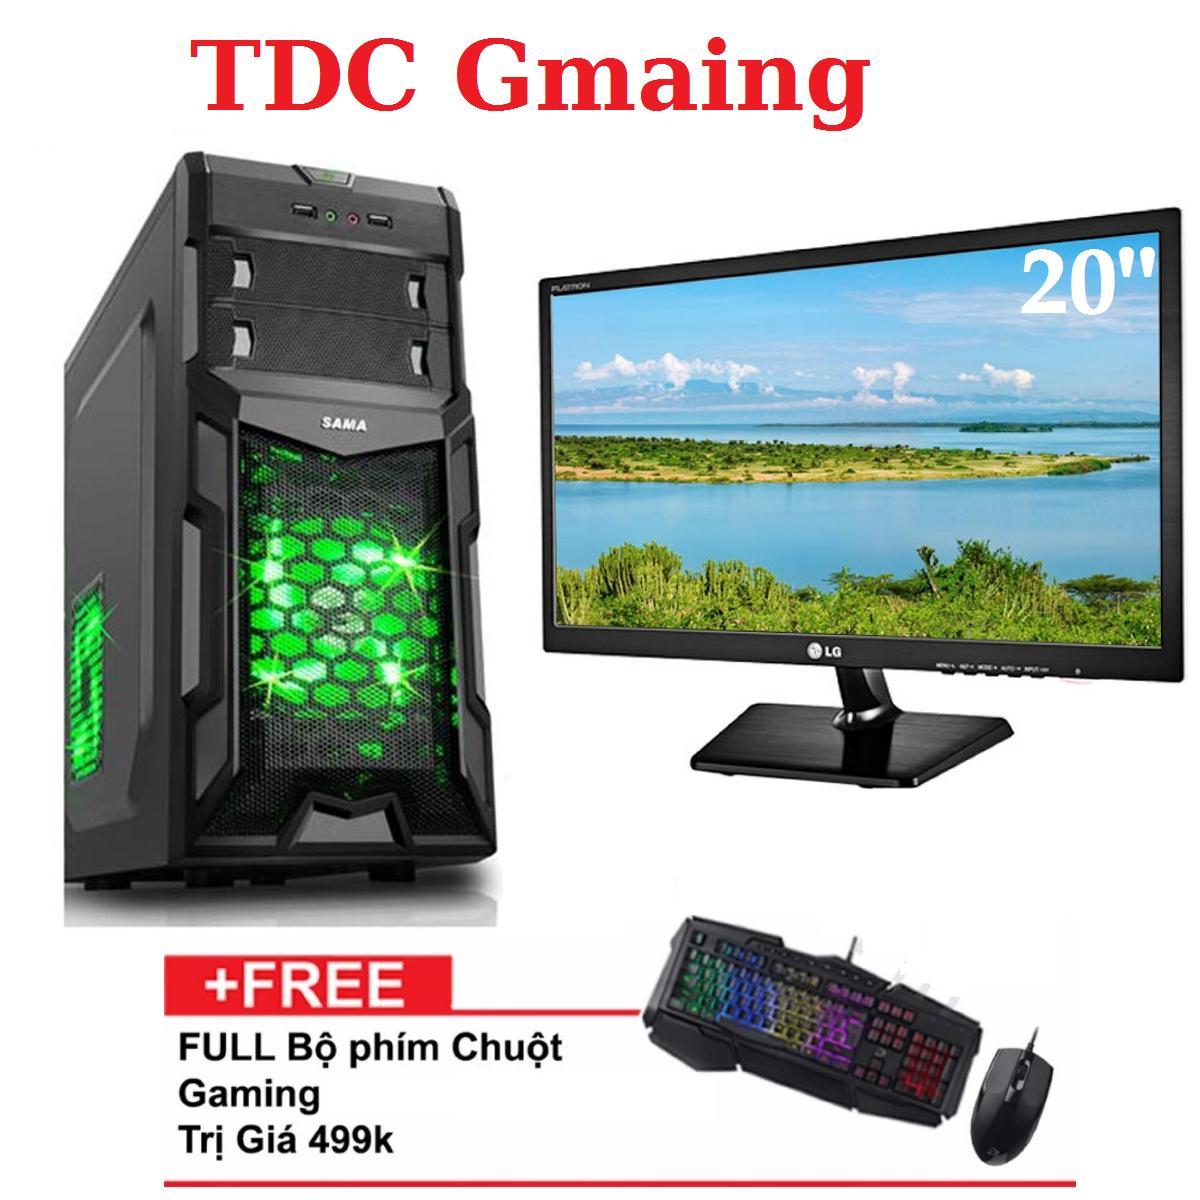 { FULL } Bộ máy tính game TDCGaming intel core i7 2600/ Ram 8gb/ Hdd 2000gb , Màn hình LG 20 inch - Tặng phím chuột giả cơ chuyên game - Bảo hành 24 tháng 1 đôi 1.